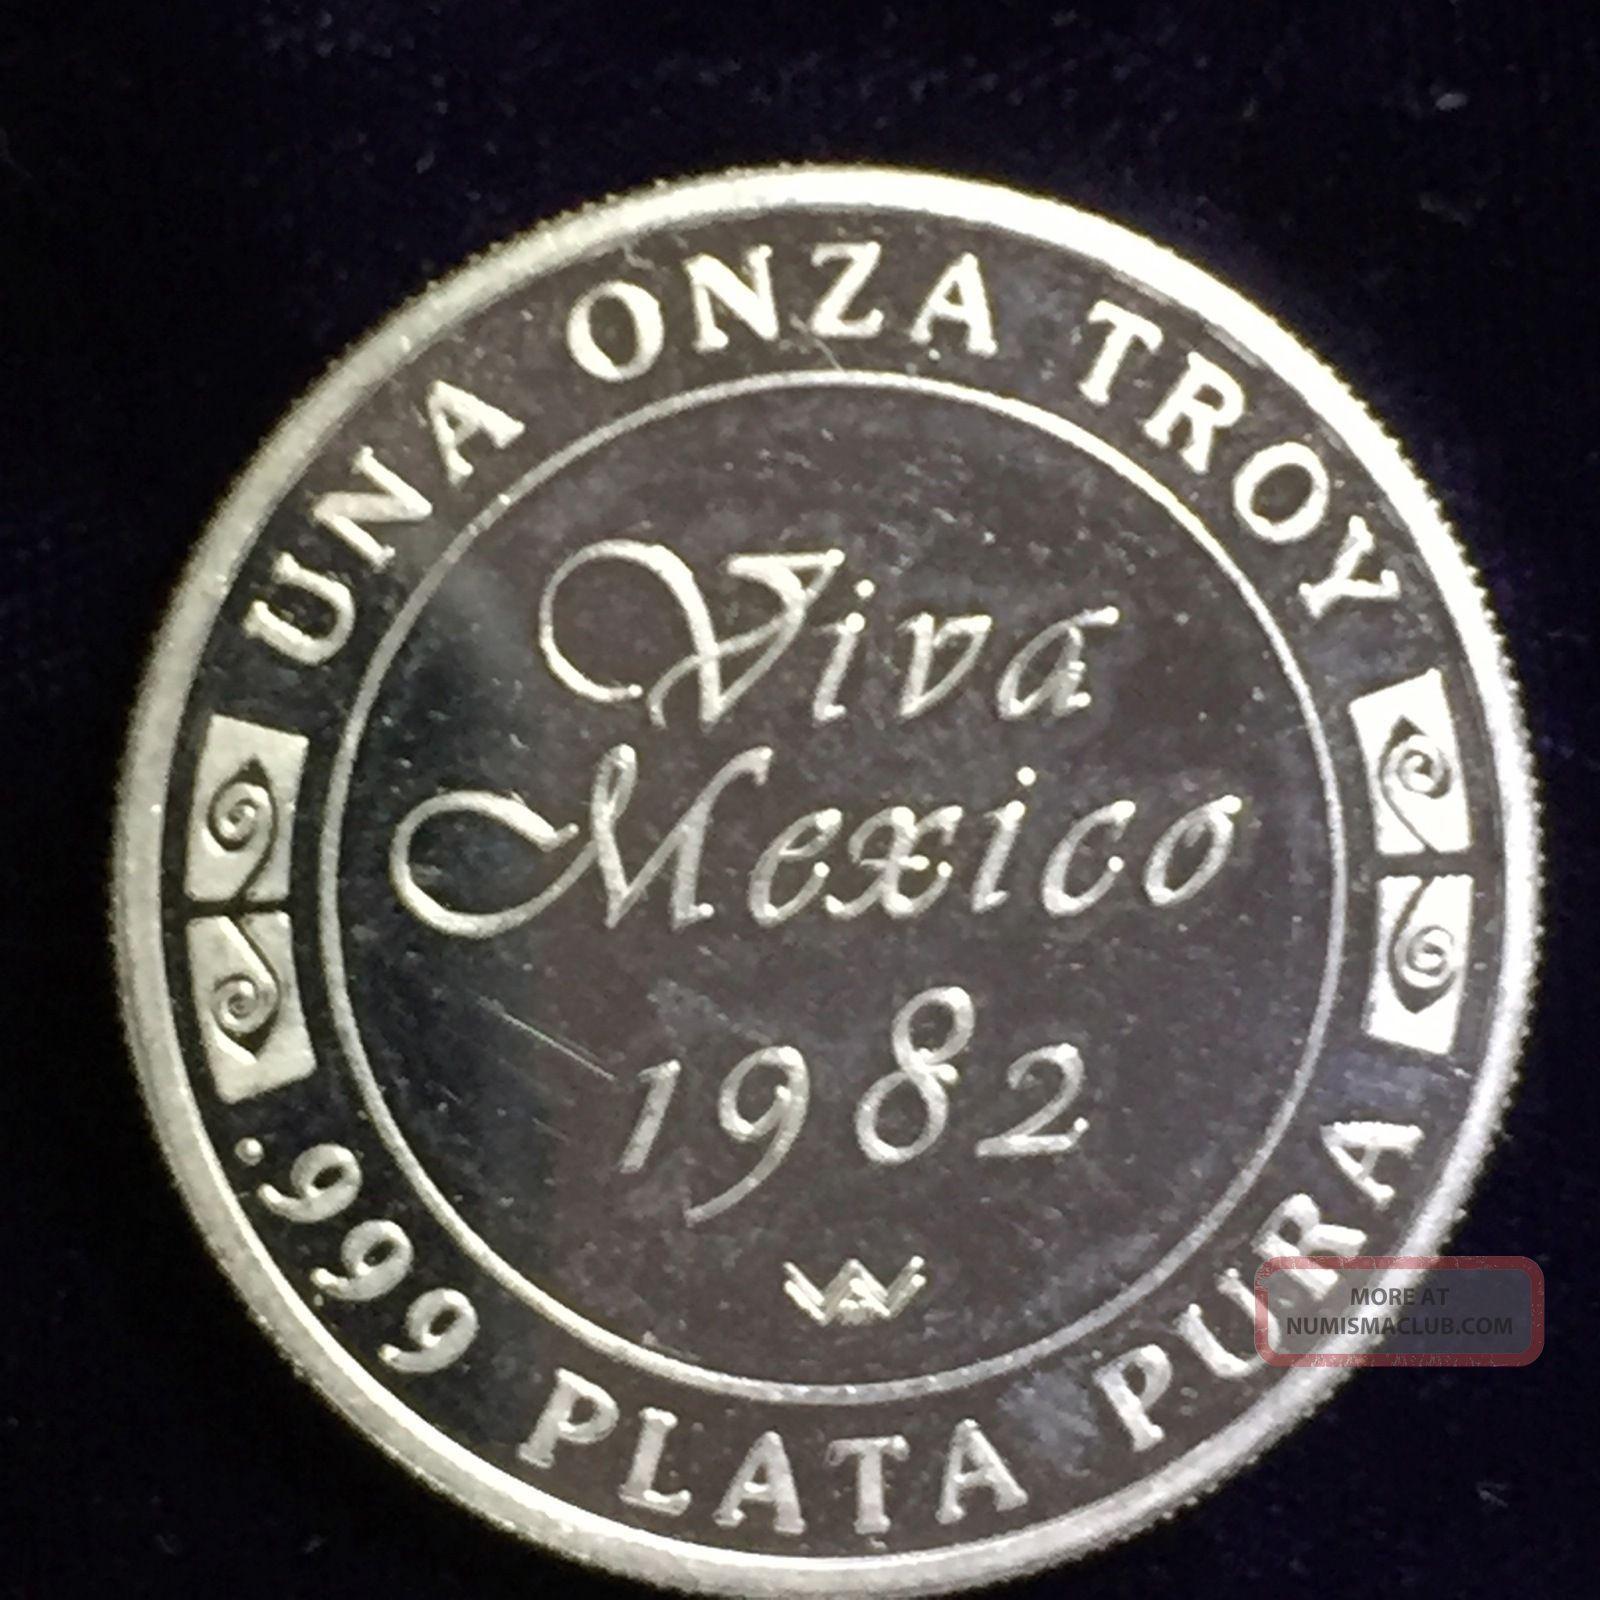 1 Oz Viva Mexico 1982 999 Fine Silver Art Round Libertad